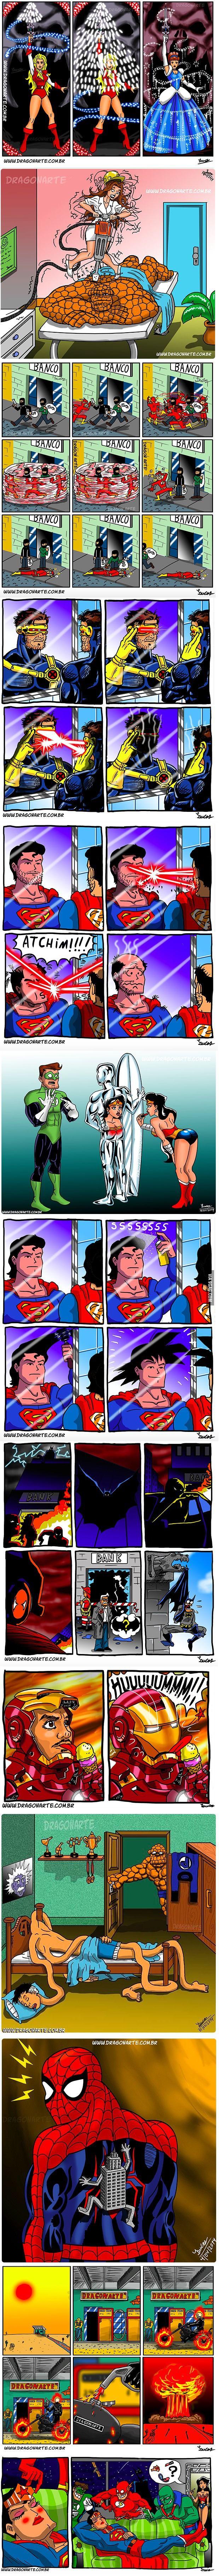 así se vive y se divierten los superhéroes